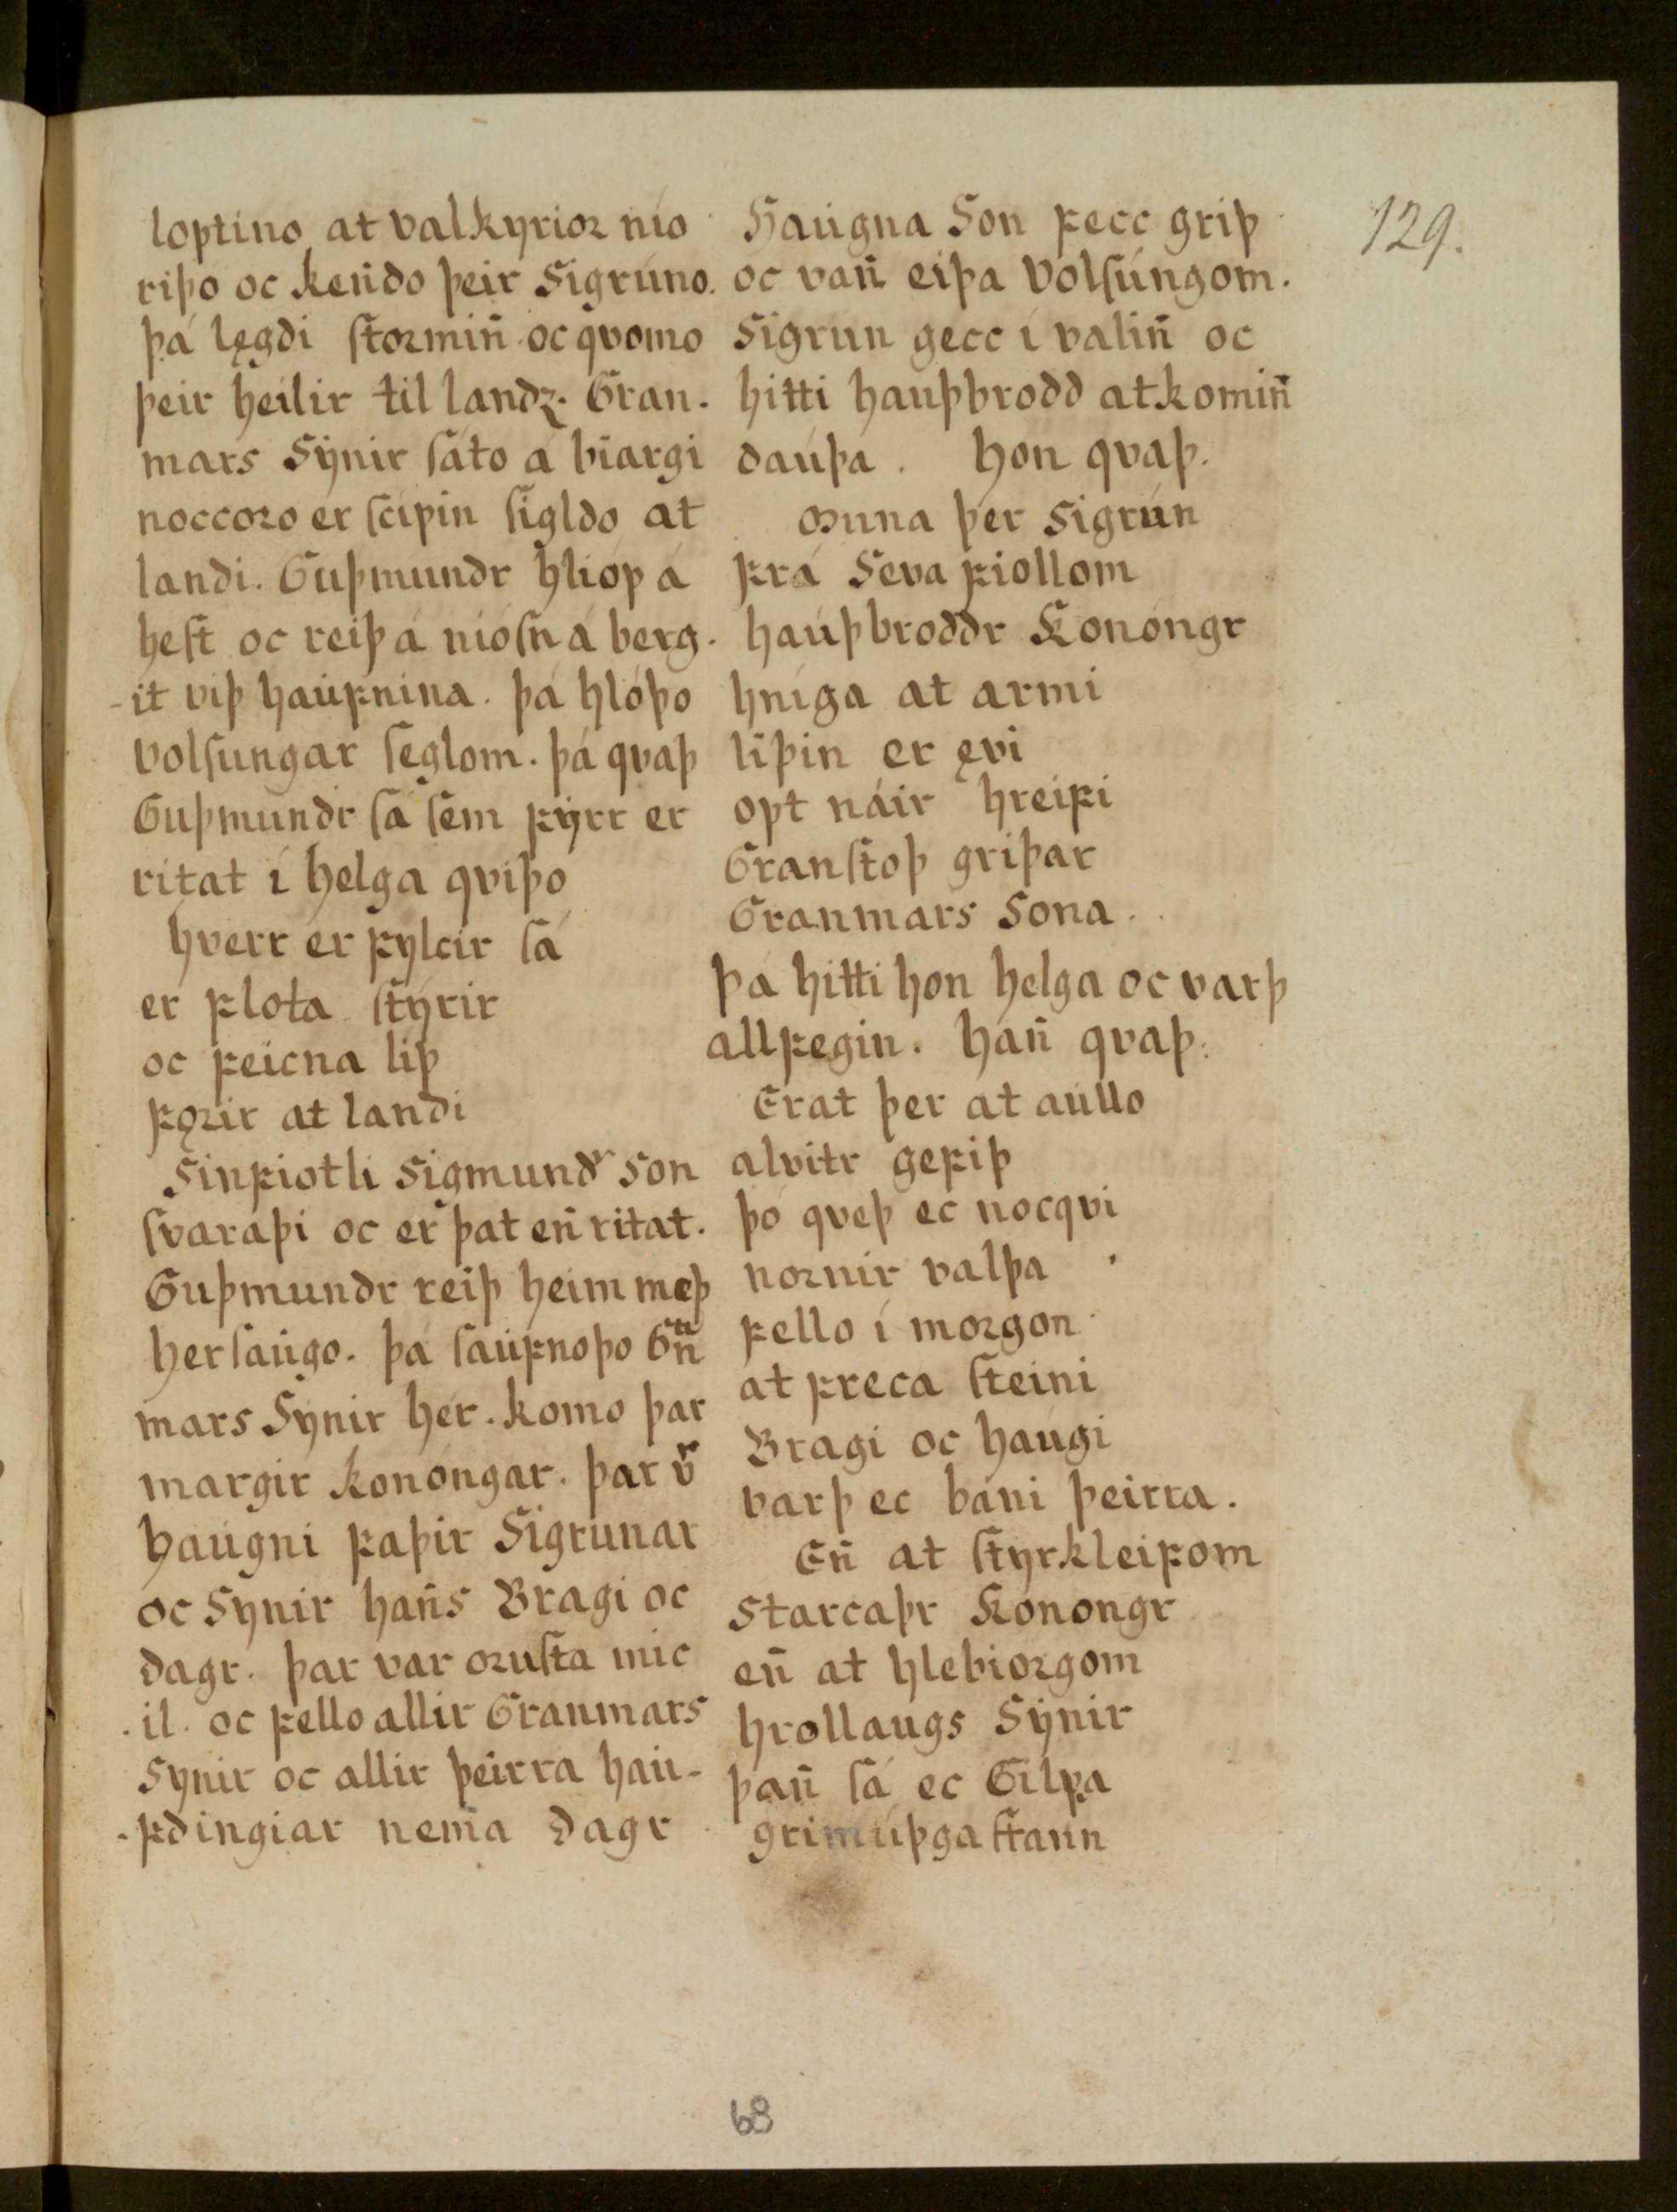 Lbs 1689 4° - 68r